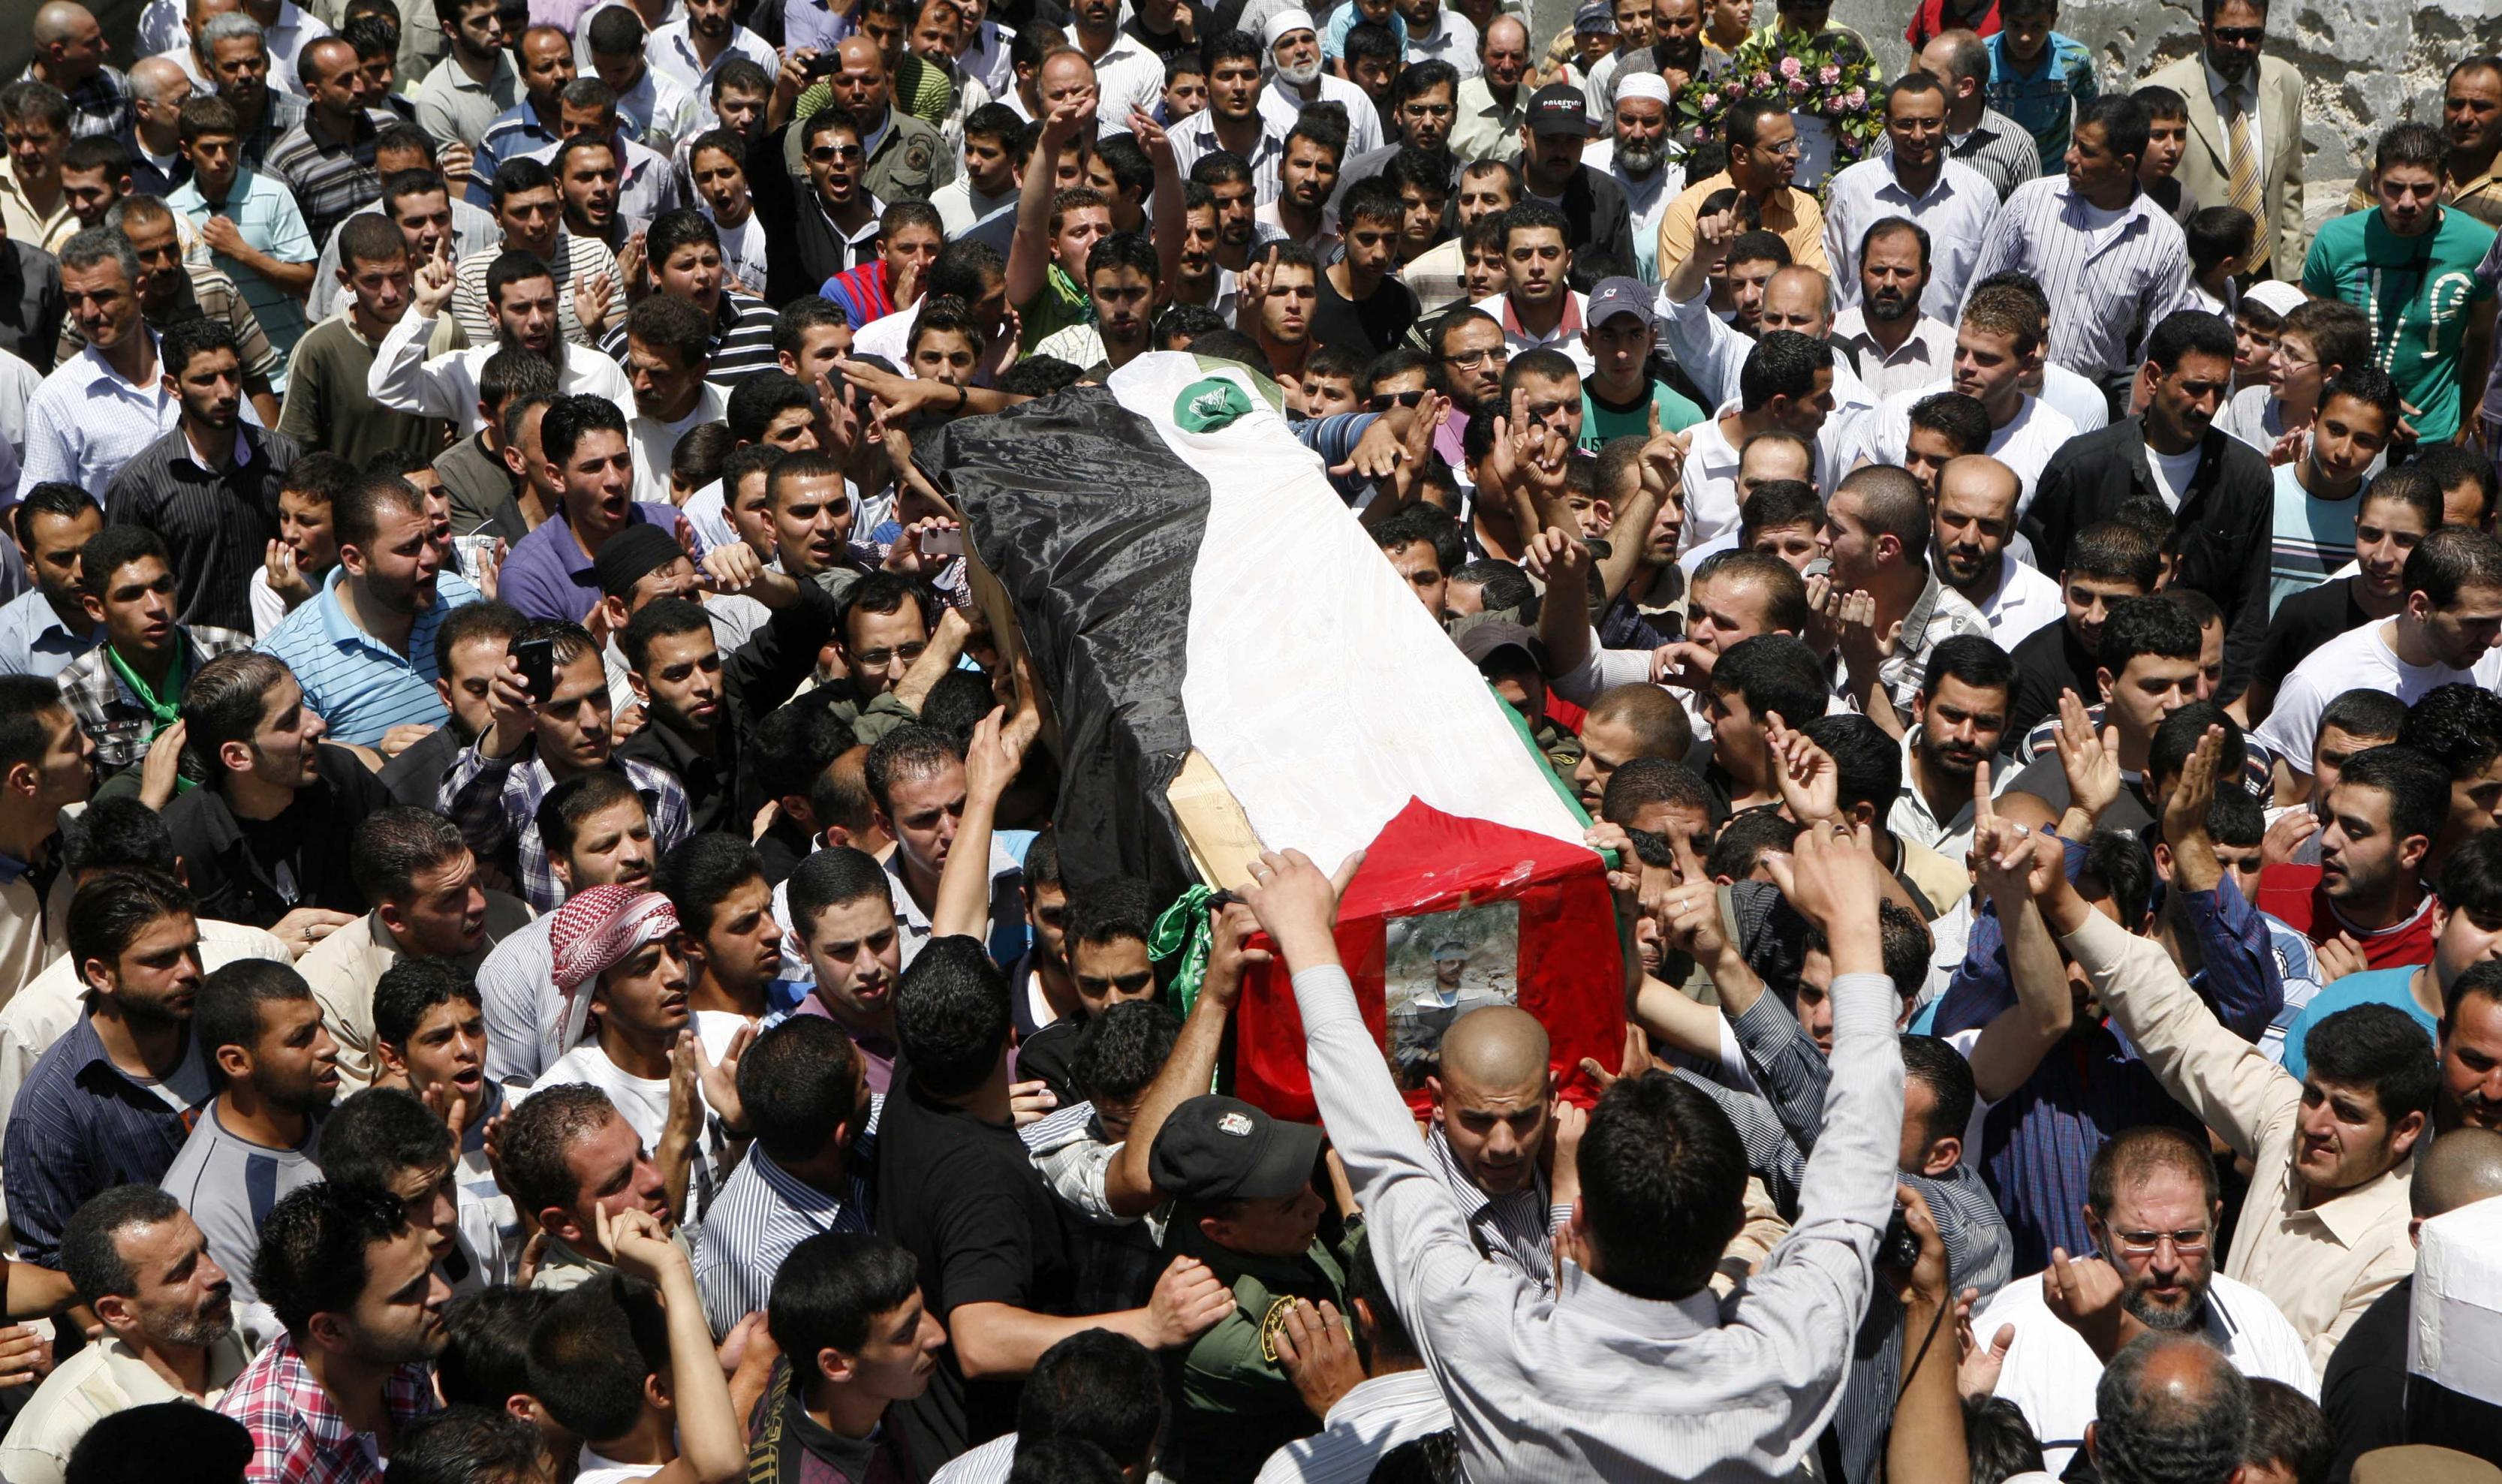 بالصور صور عن الشهداء , صور شهداء فلسطين الحبيبة 4356